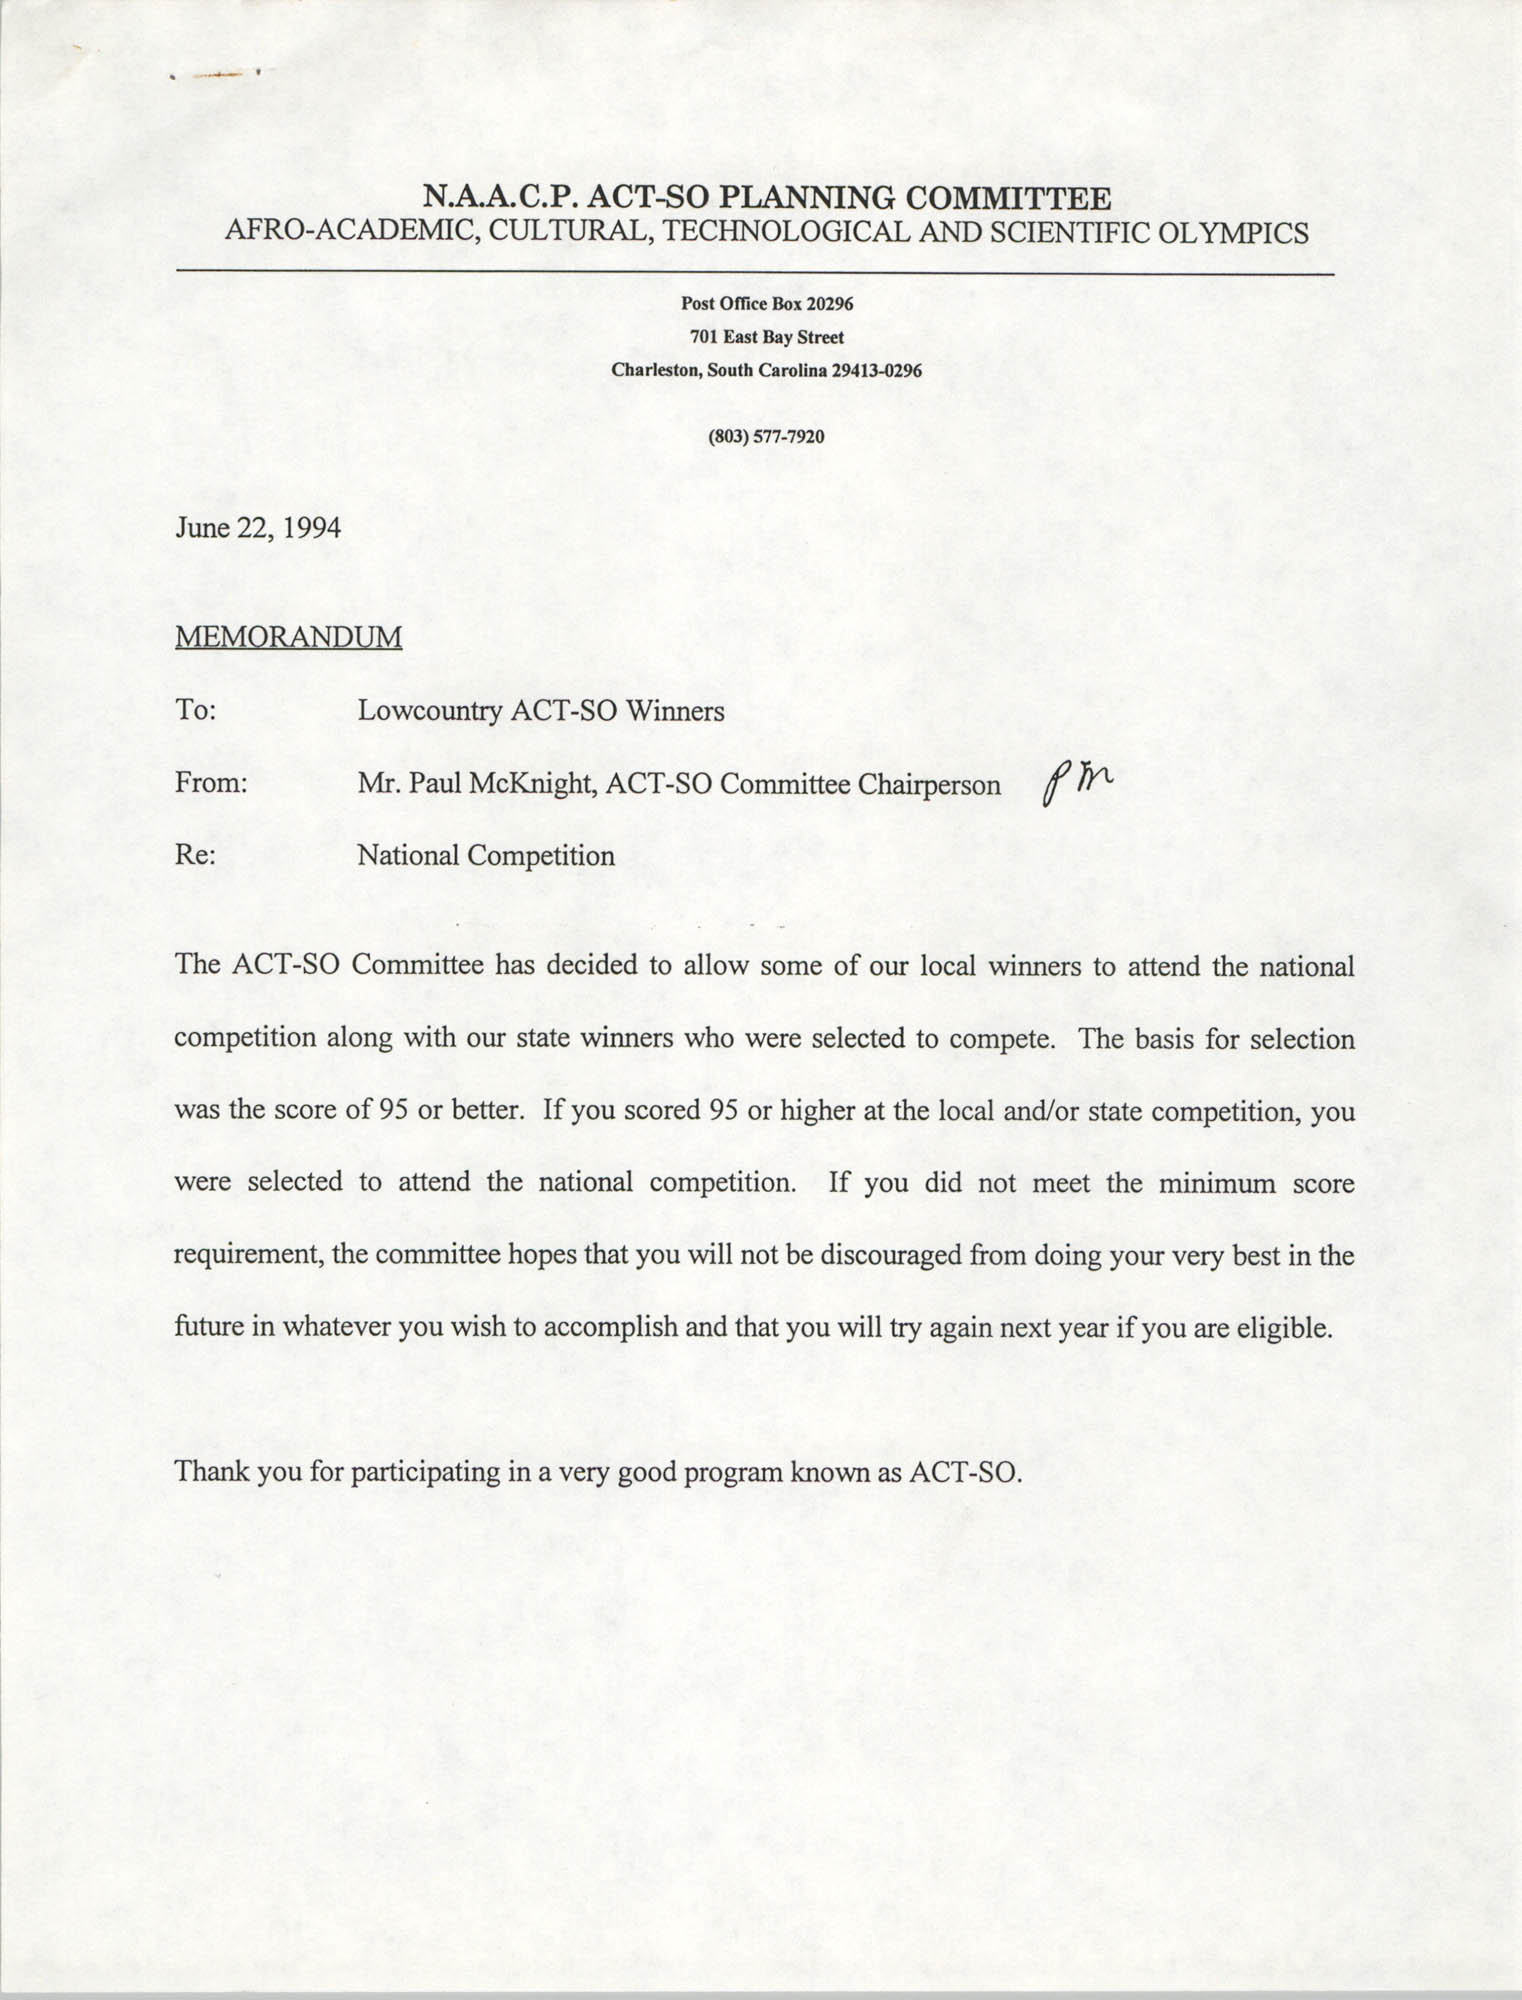 Memorandum, Paul McKnight, June 22, 1994